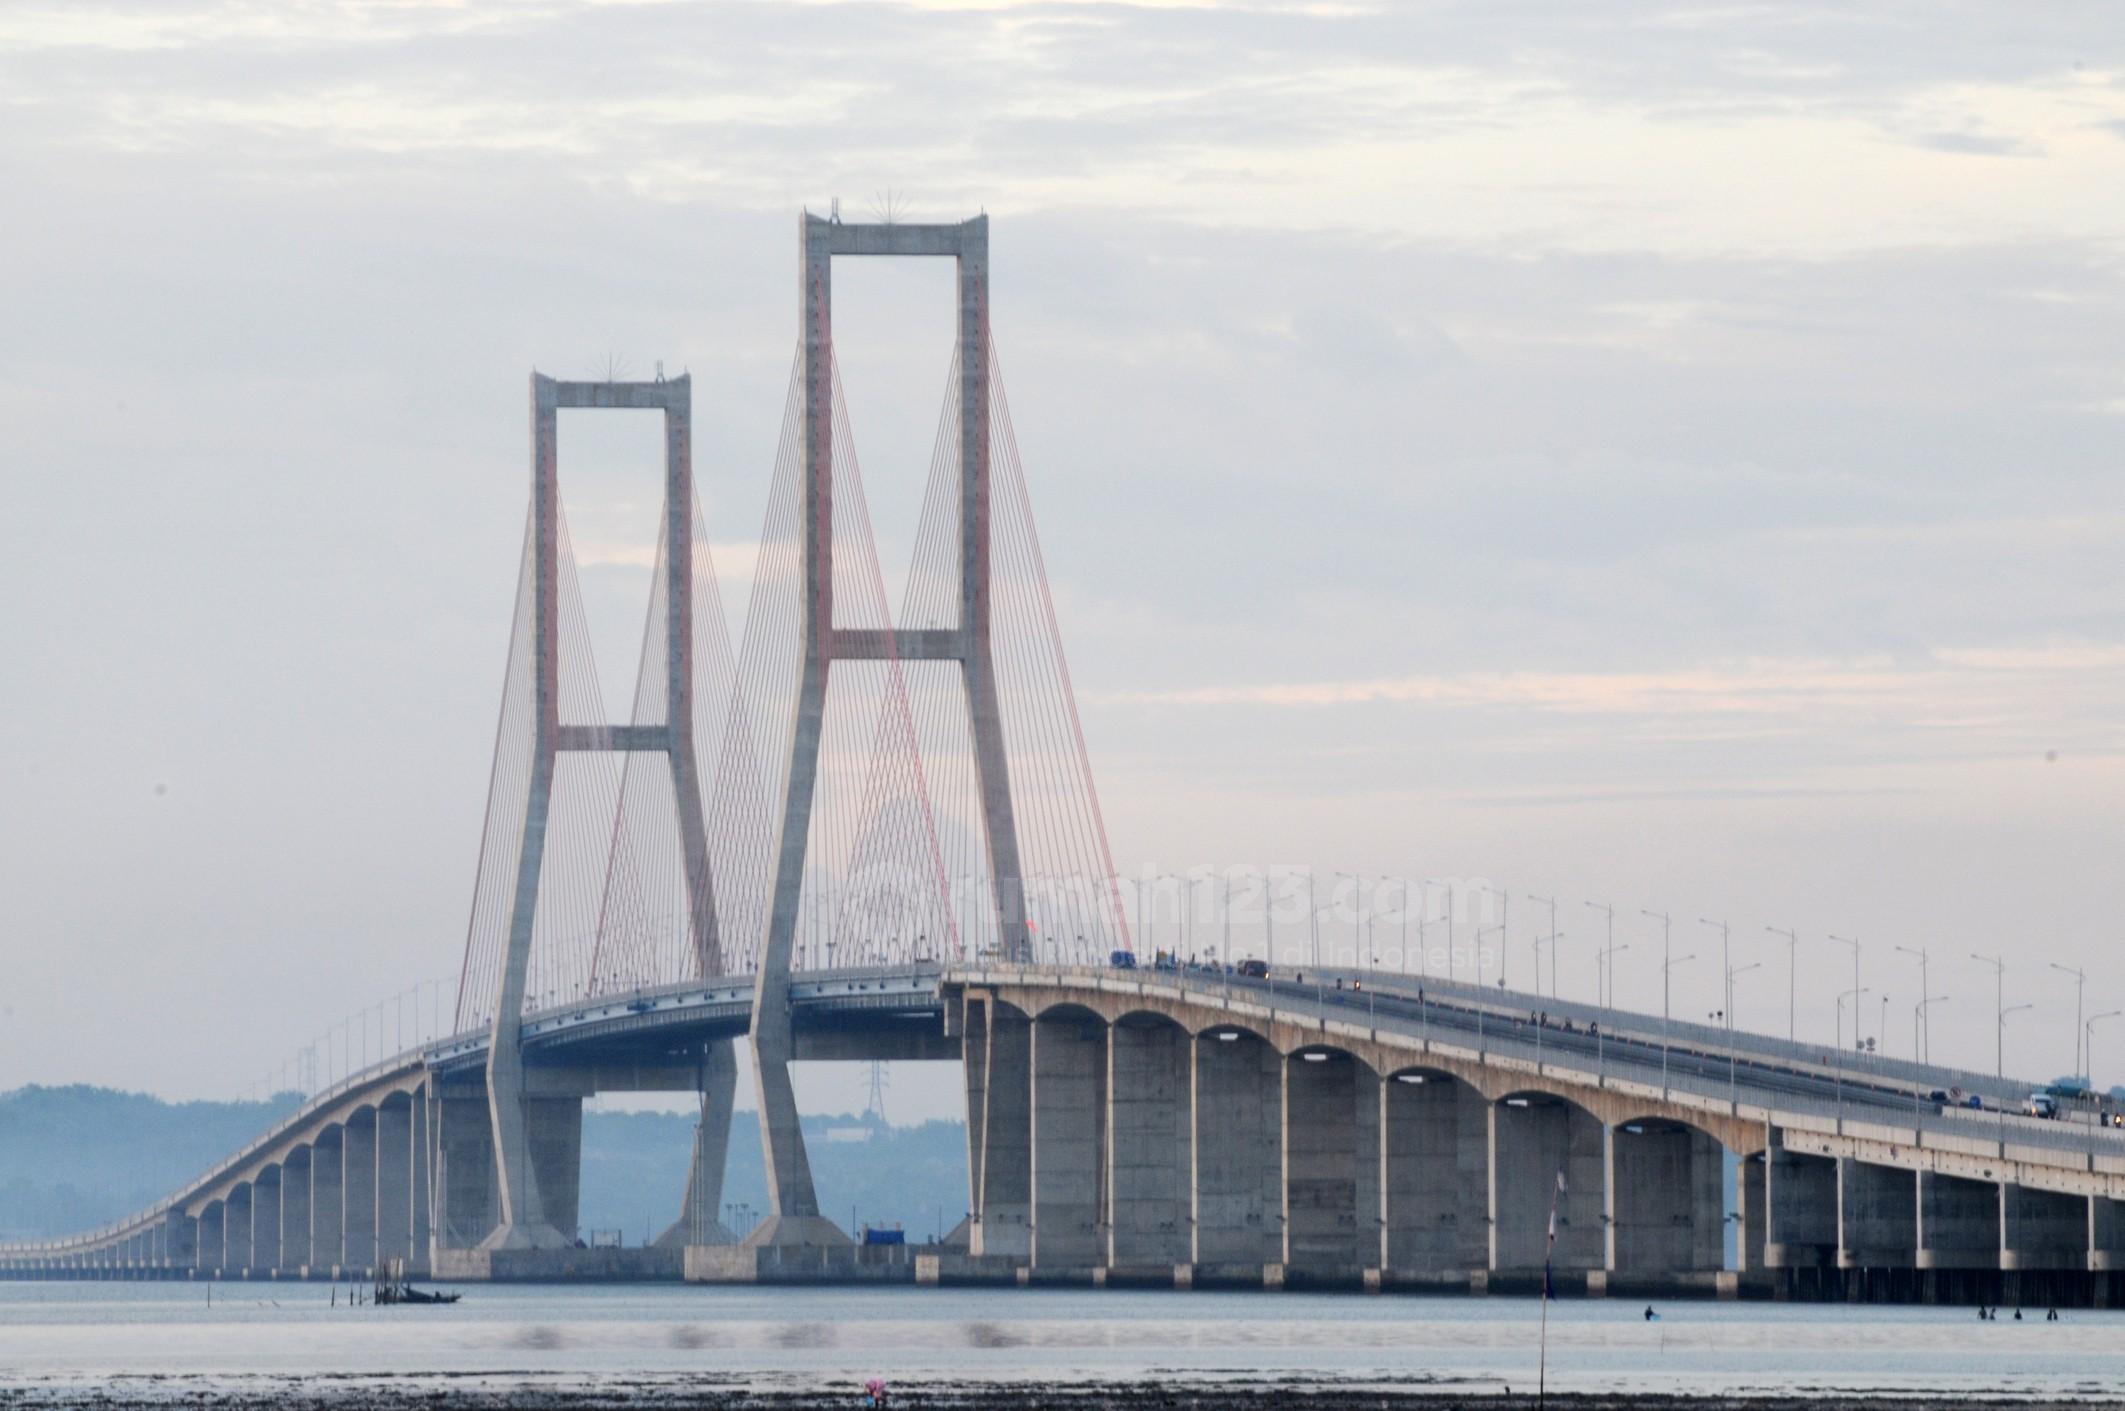 Jembatan Suramadu di waktu sore